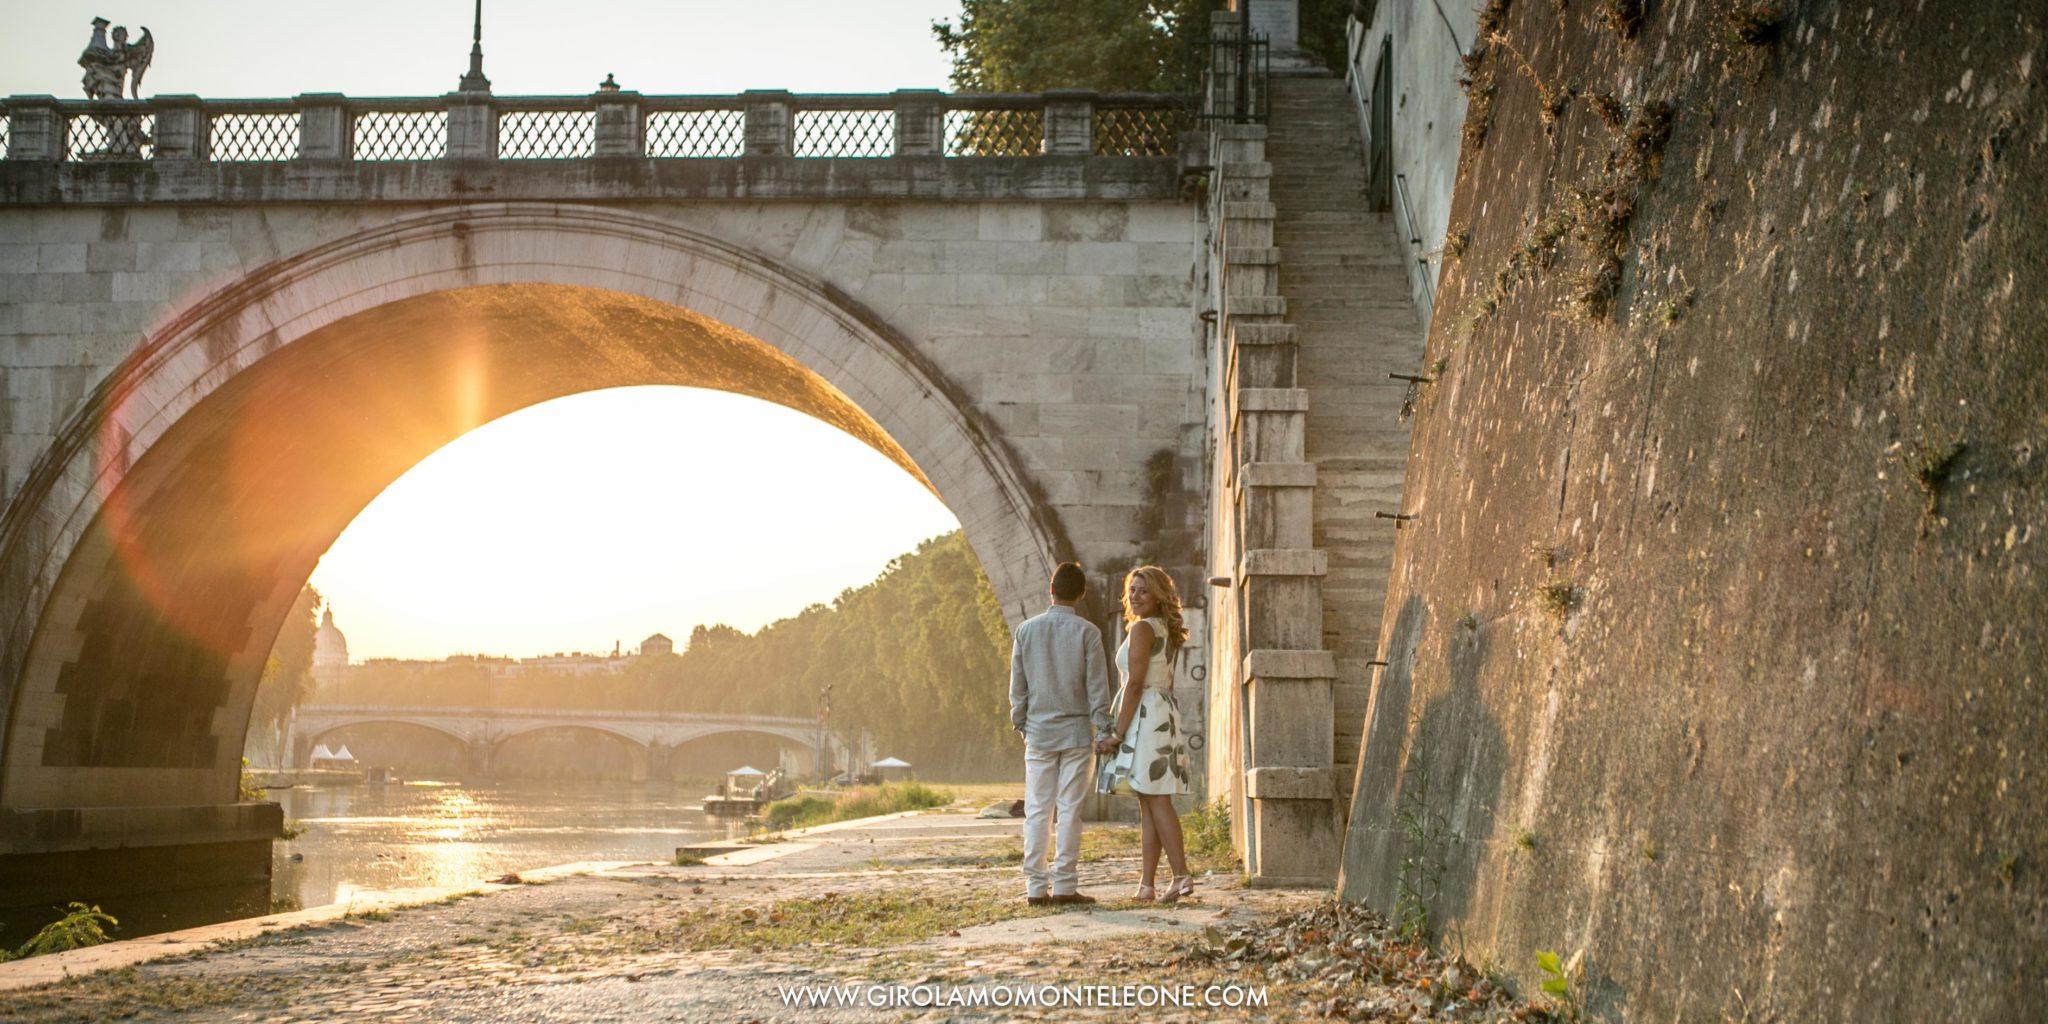 THINGS TO DO IN ROME PROFESSIONAL PHOTOGRAPHER GIROLAMO MONTELEONE www.girolamomonteleone.com -220637222085